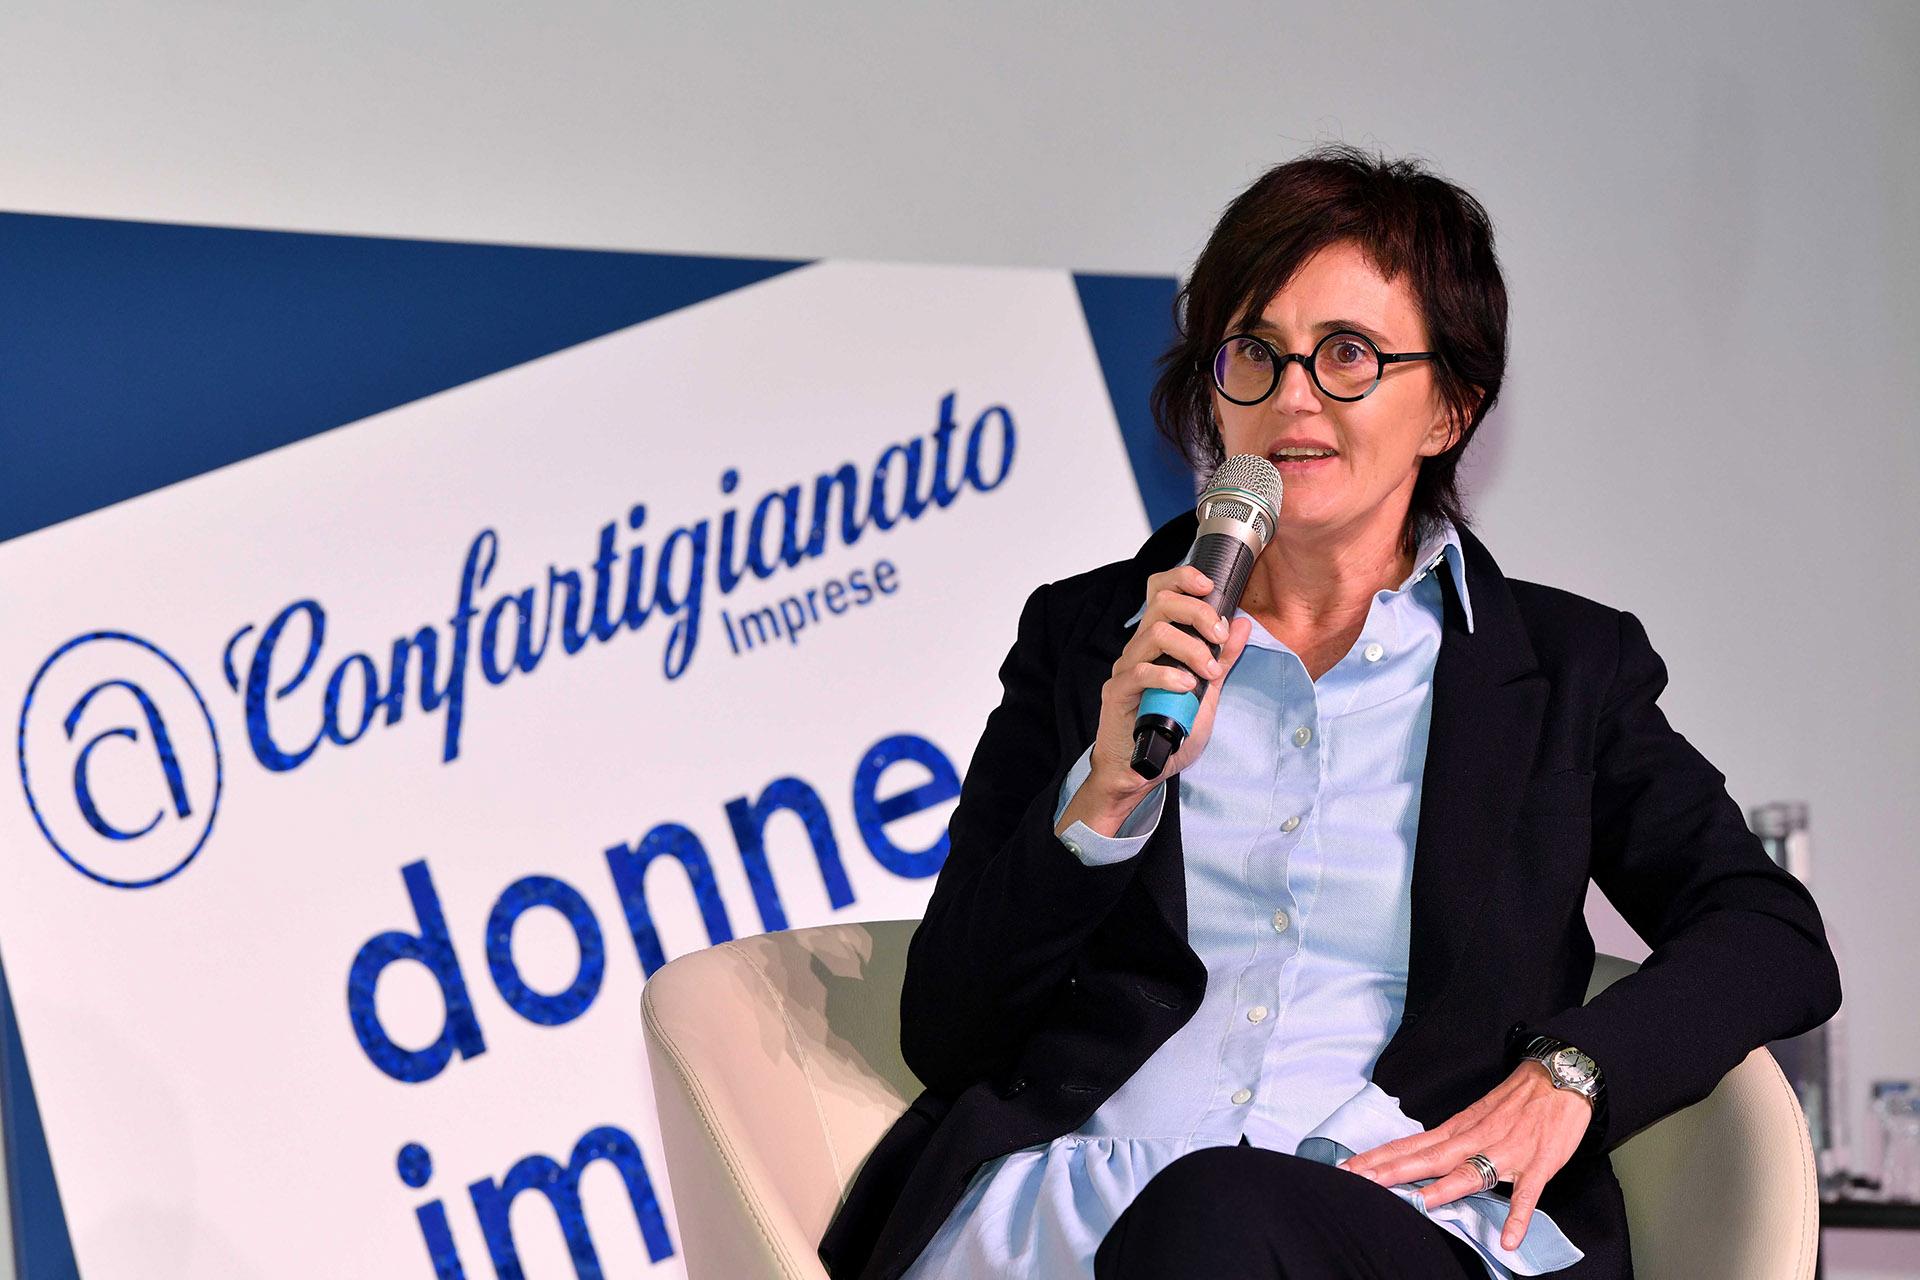 Sonia Castellan Confartigianato